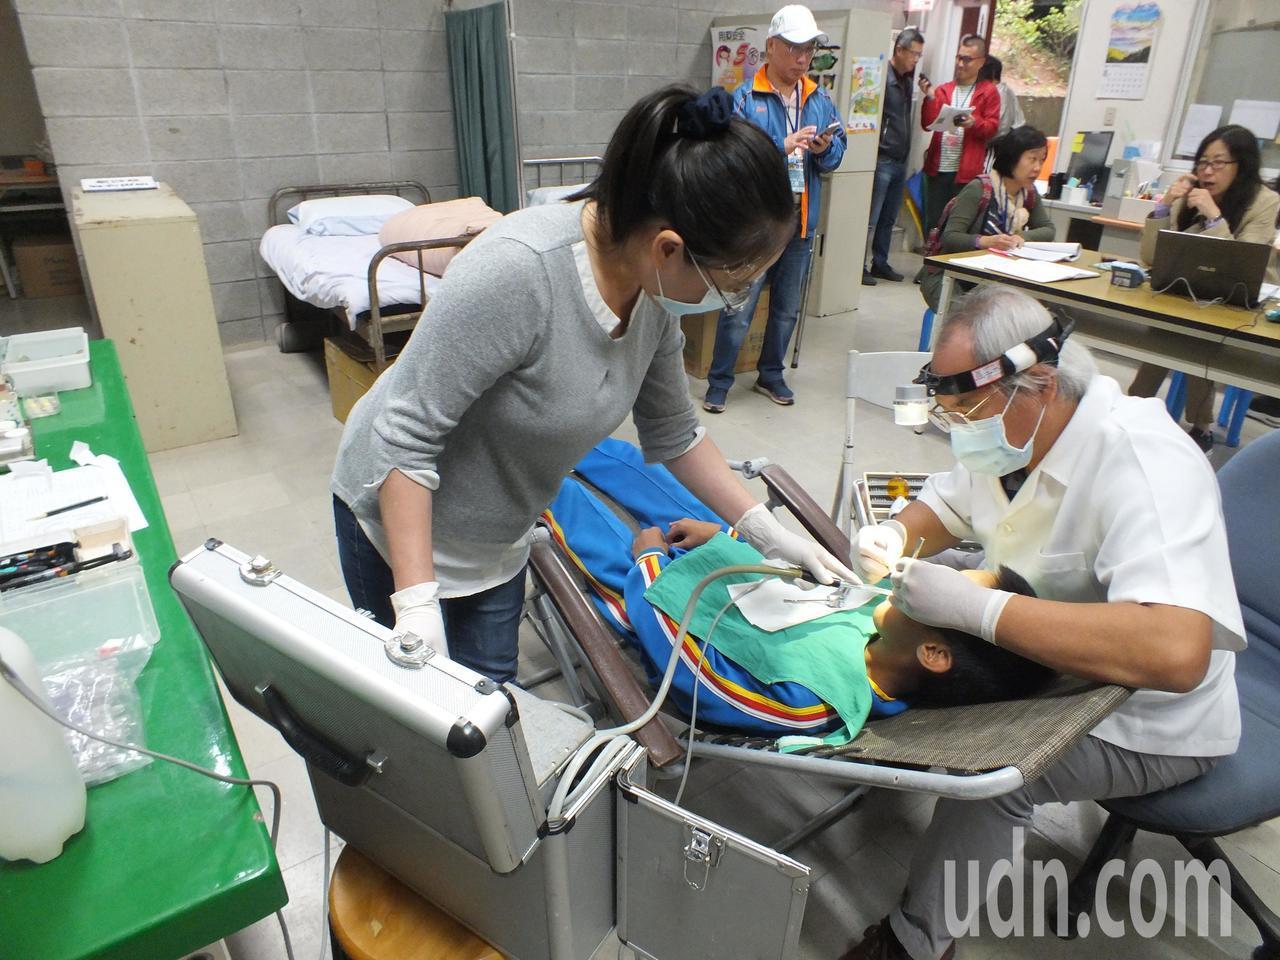 牙醫師吳健民(右)在巡迴醫療時,必須克服場地限制,自備躺椅、耗材、氣動幫浦等,為...